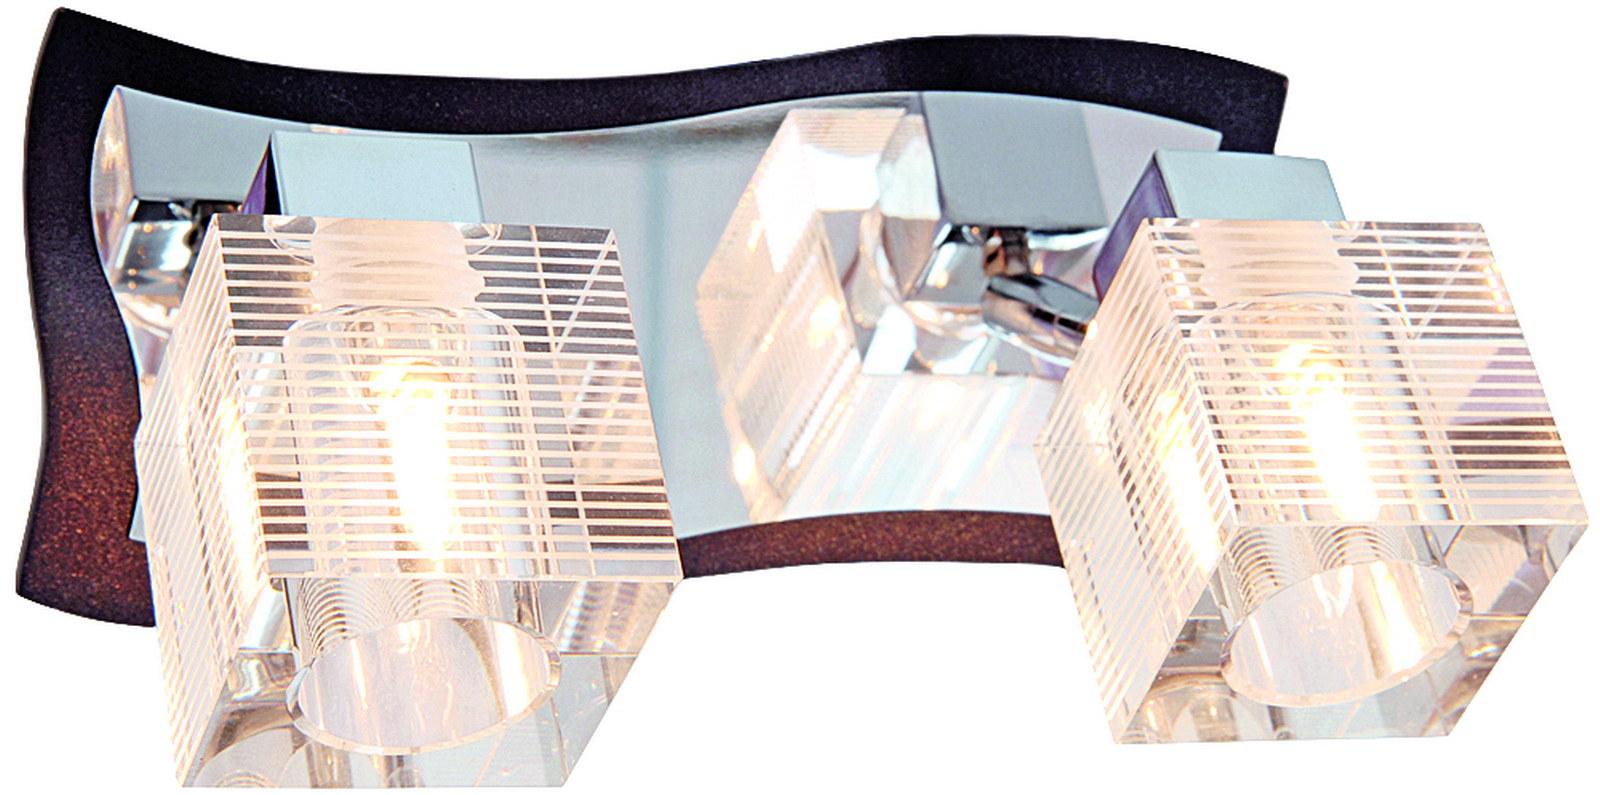 Бра МАКСИСВЕТНастенные светильники и бра<br>Тип: бра,<br>Назначение светильника: для гостиной,<br>Стиль светильника: модерн,<br>Материал светильника: металл, дерево, стекло,<br>Тип лампы: галогенные и светодиодные,<br>Количество ламп: 2,<br>Мощность: 40,<br>Патрон: G9,<br>Цвет арматуры: хром,<br>Ширина: 150,<br>Высота: 210,<br>Удаление от стены: 110,<br>Коллекция: 5061w<br>